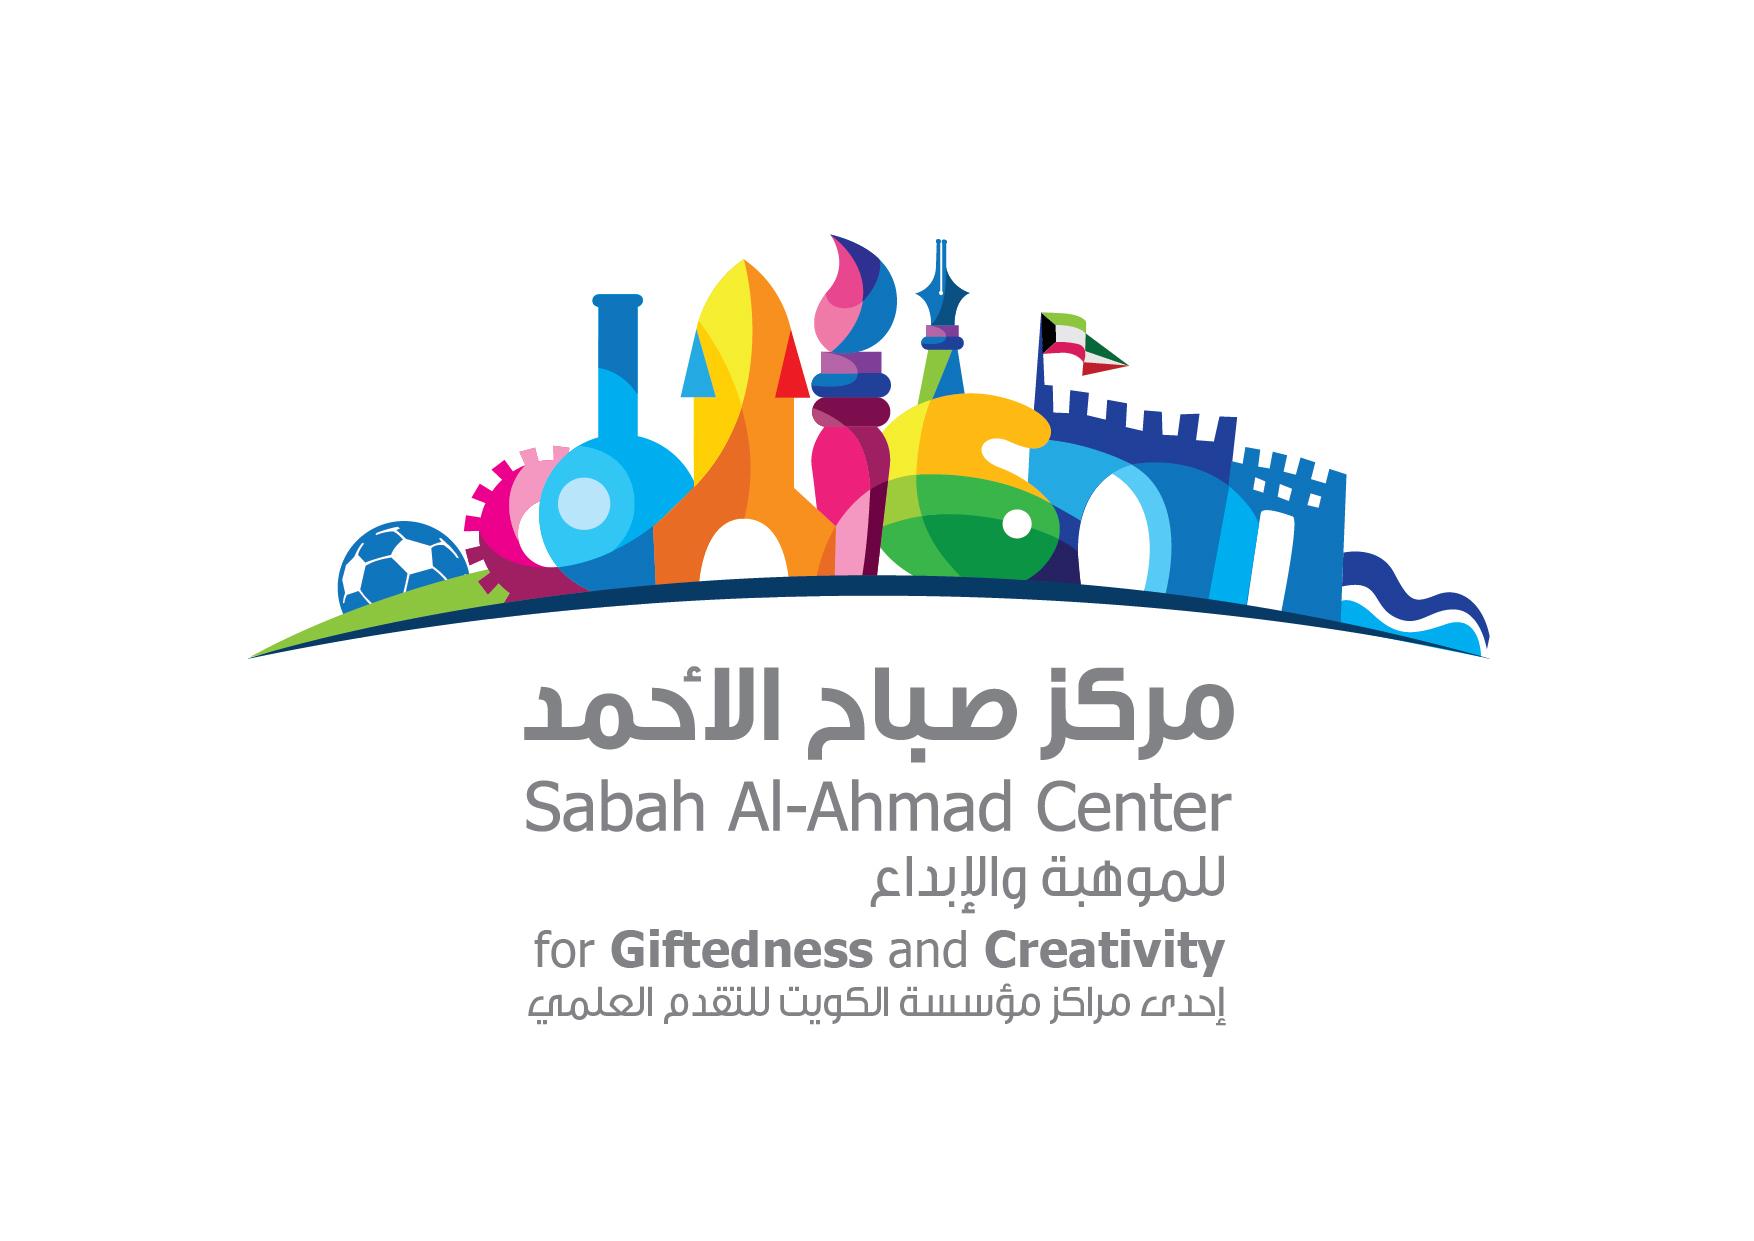 Sabah Al Ahmad Center for Giftedness and Creativity